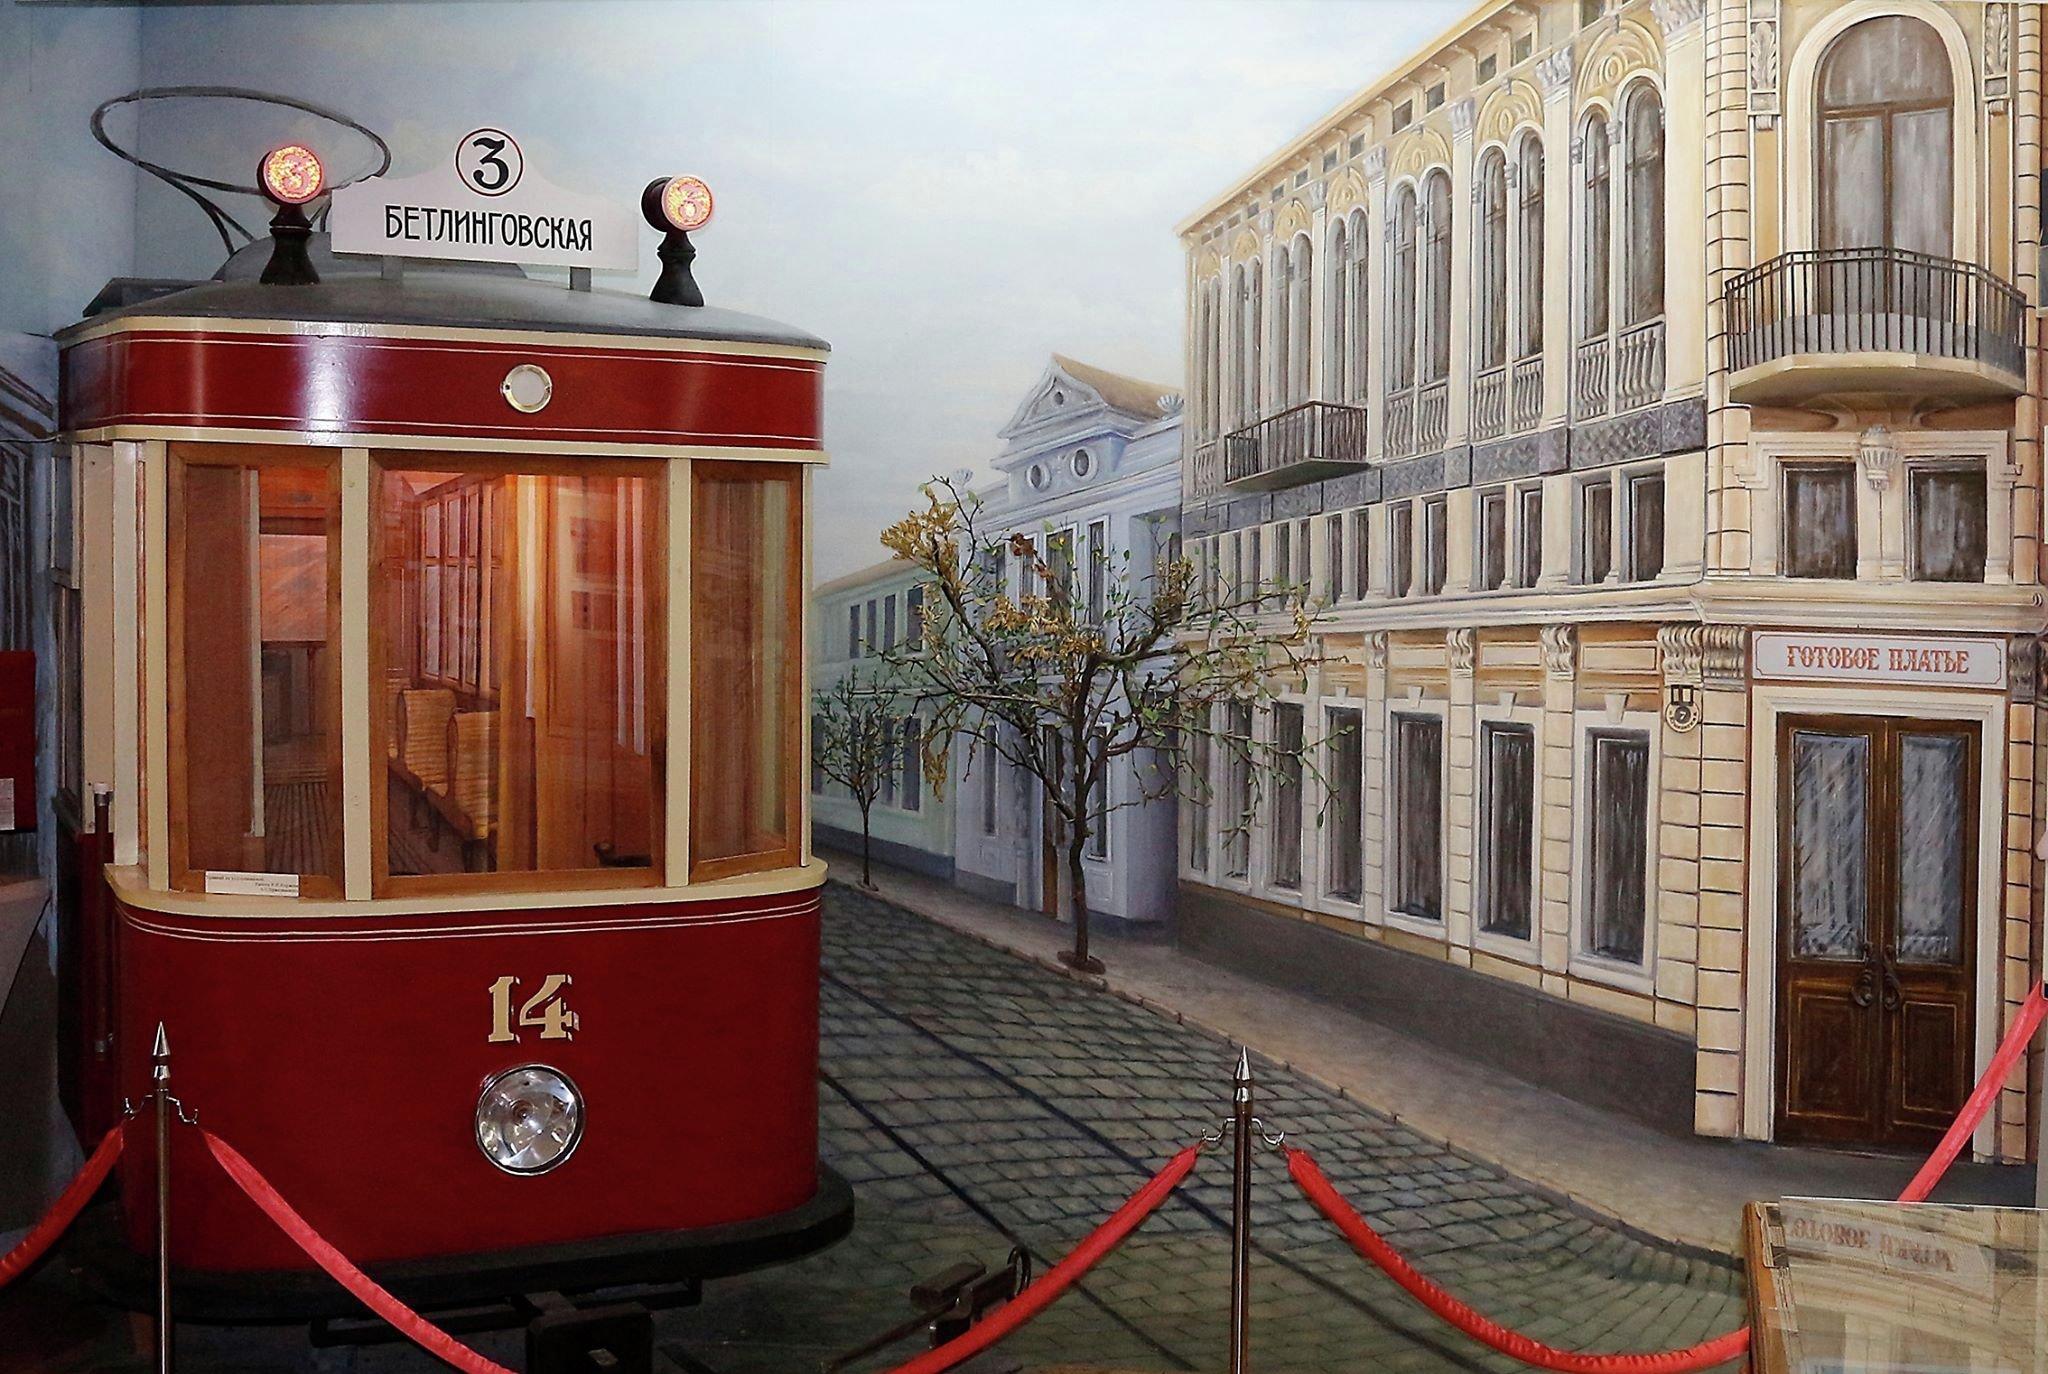 музей истории трамвая и троллейбуса